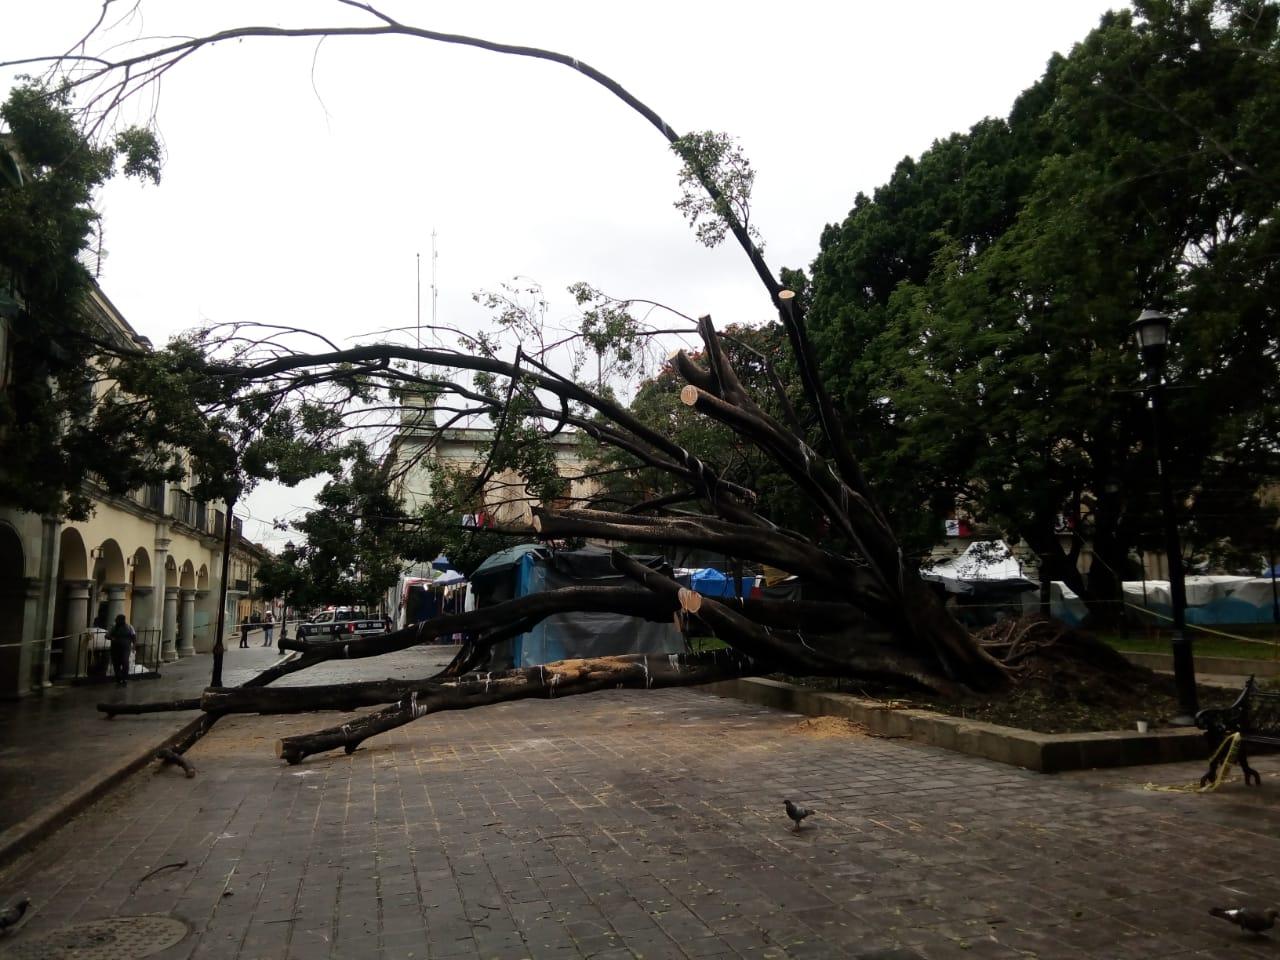 Piden evitar destrucción depocas áreas verdes de Oaxaca | El Imparcial de Oaxaca